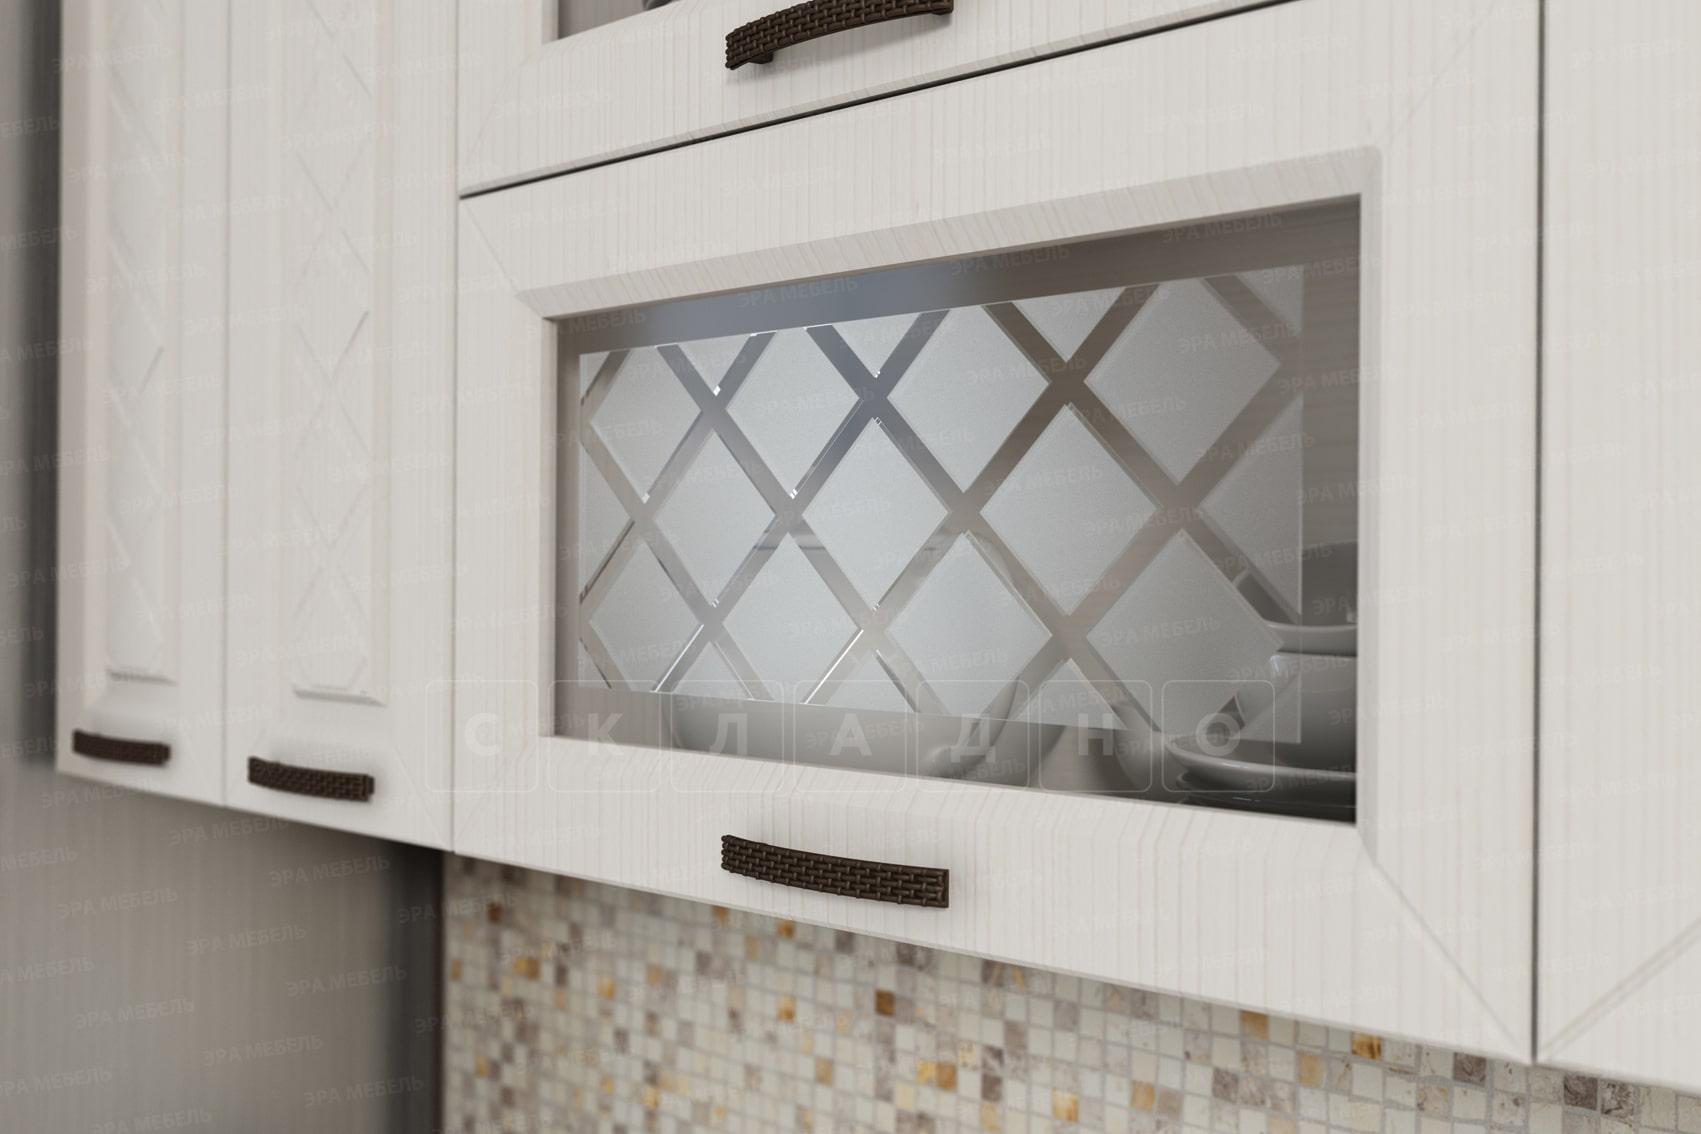 Кухонный гарнитур Агава 2,6м фото 5 | интернет-магазин Складно